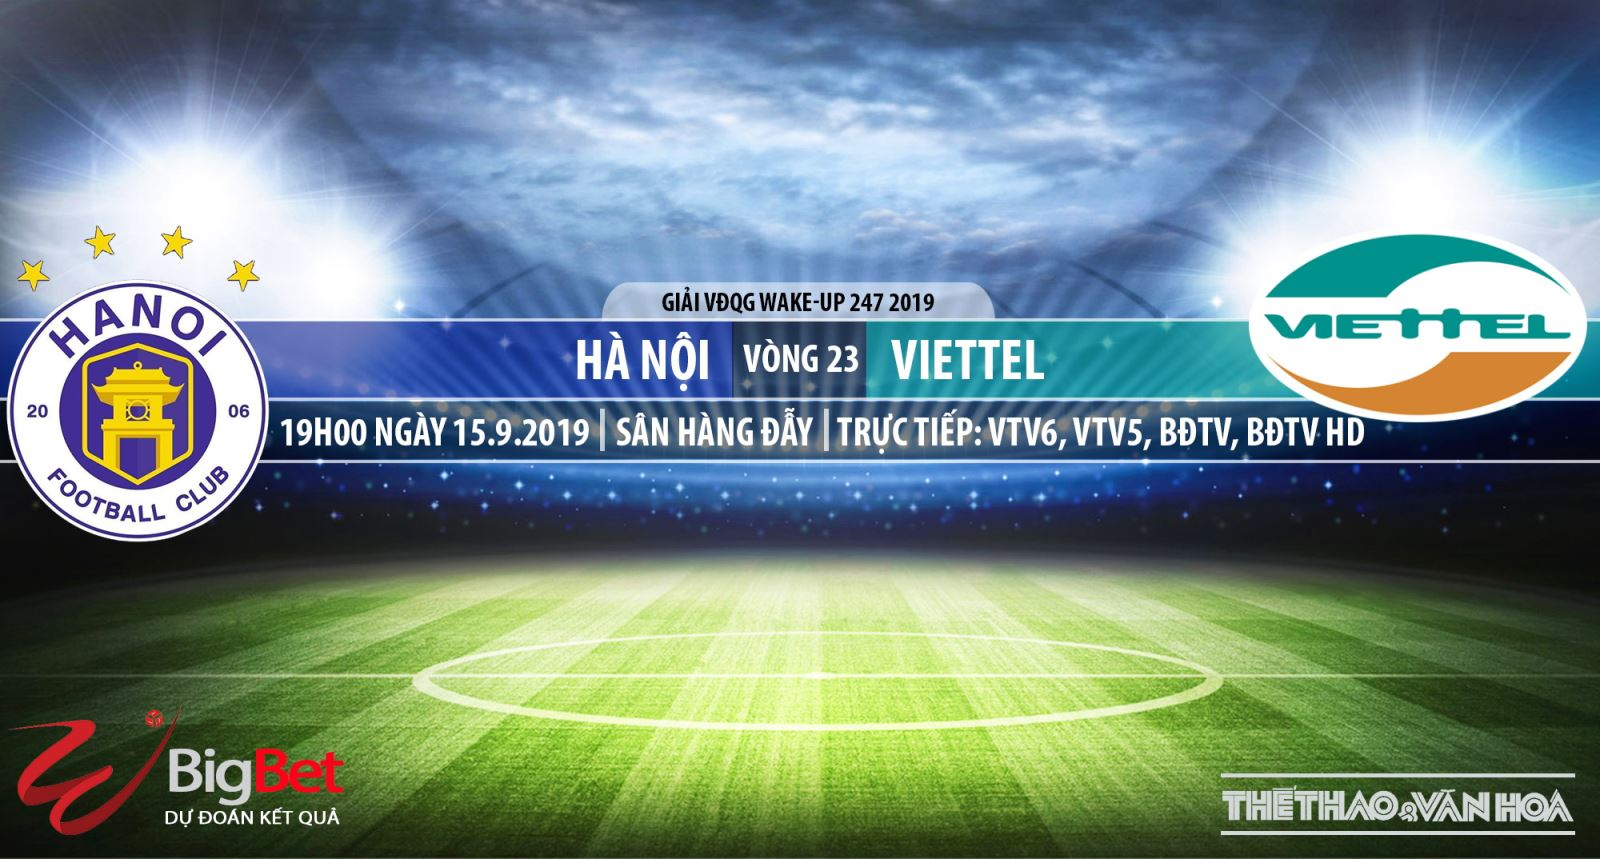 truc tiep bong da hôm nay, Hà Nội FC đấu với Viettel, trực tiếp bóng đá, VTV6, Hà Nội vs Viettel, xem bong da truc tiep, BĐTV, xem bong da truc tuyen, VTV5, FPT Play